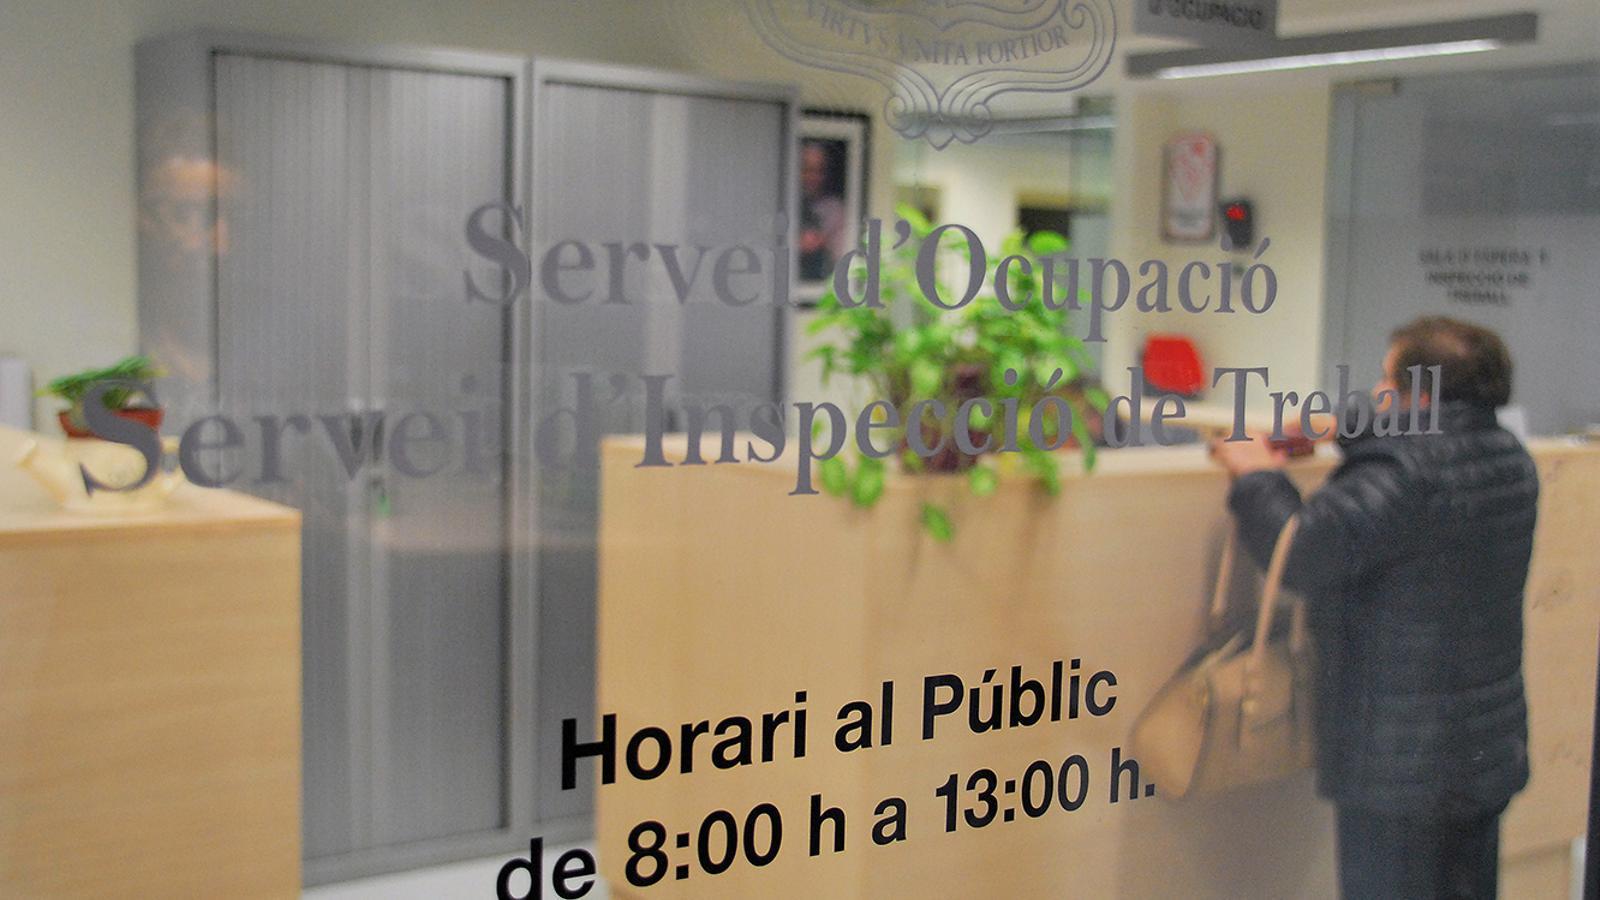 Una imatge del Servei d'Ocupació. / ARXIU ANA